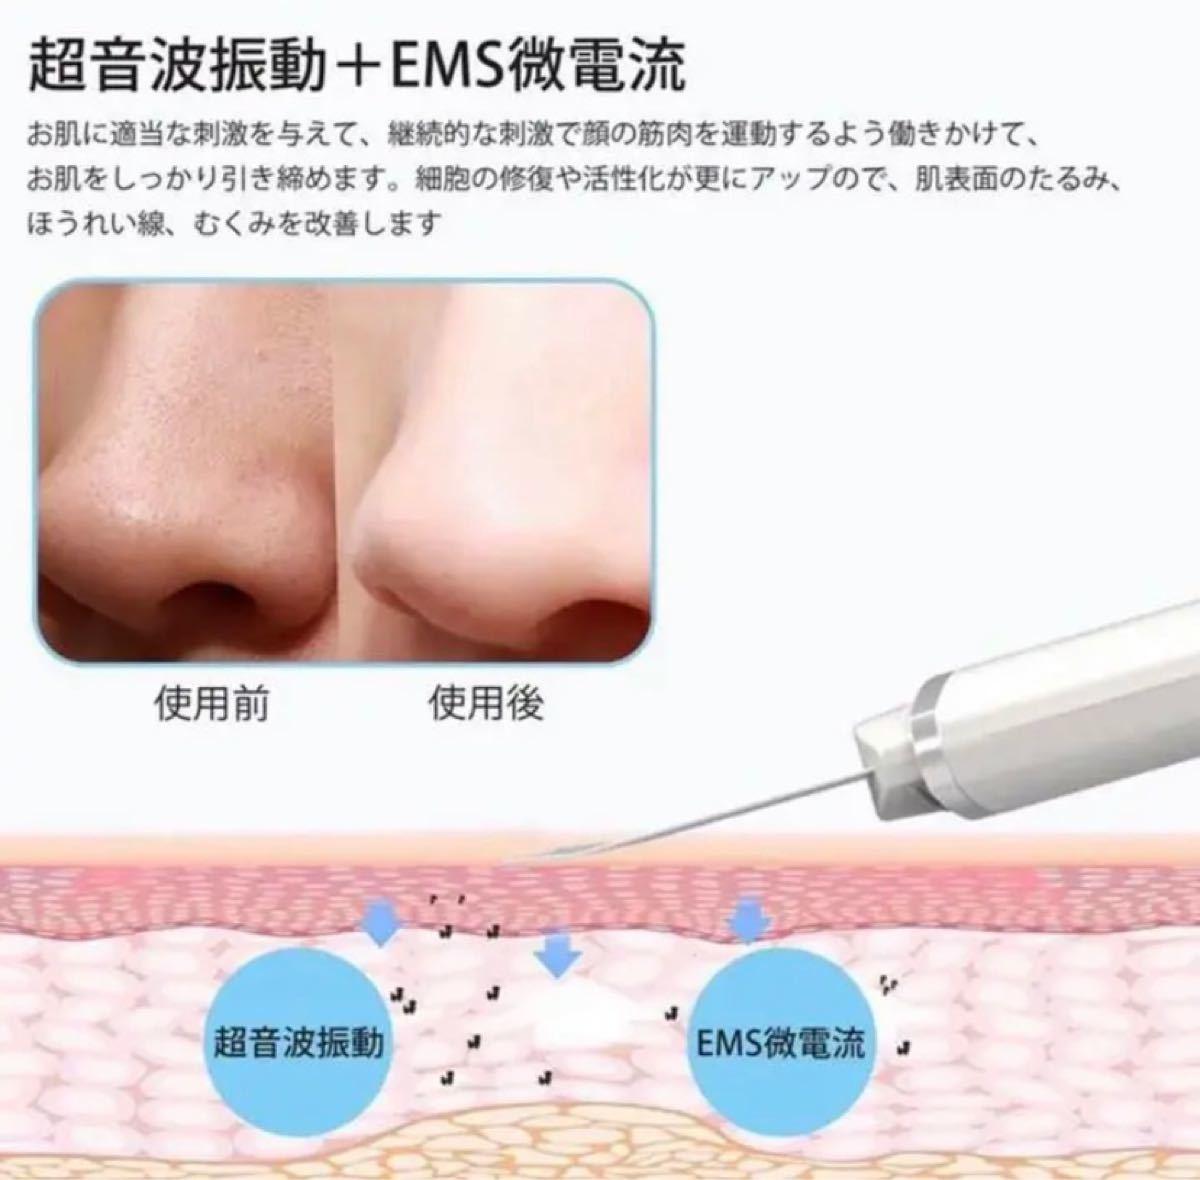 【新品・送料無料】ウォーターピーリング 美顔器 超音波 マイナスイオン EMS 超音波美顔器